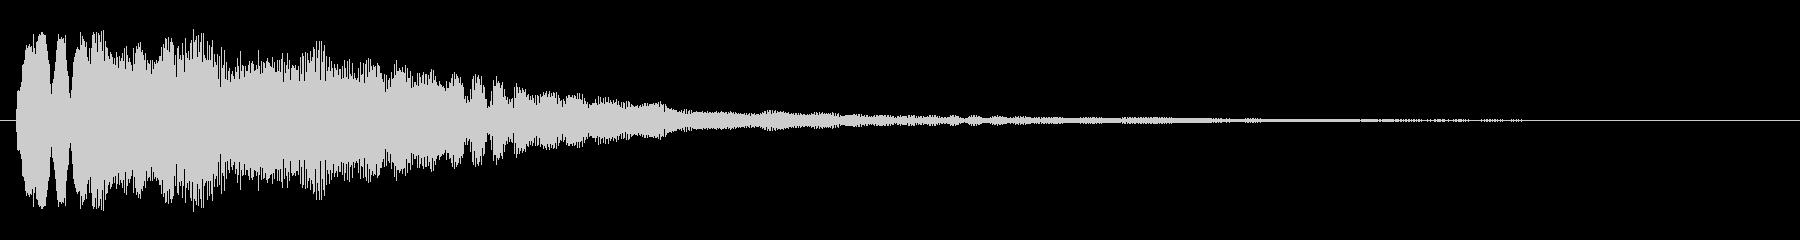 キラリ〜ン(下降系)の未再生の波形